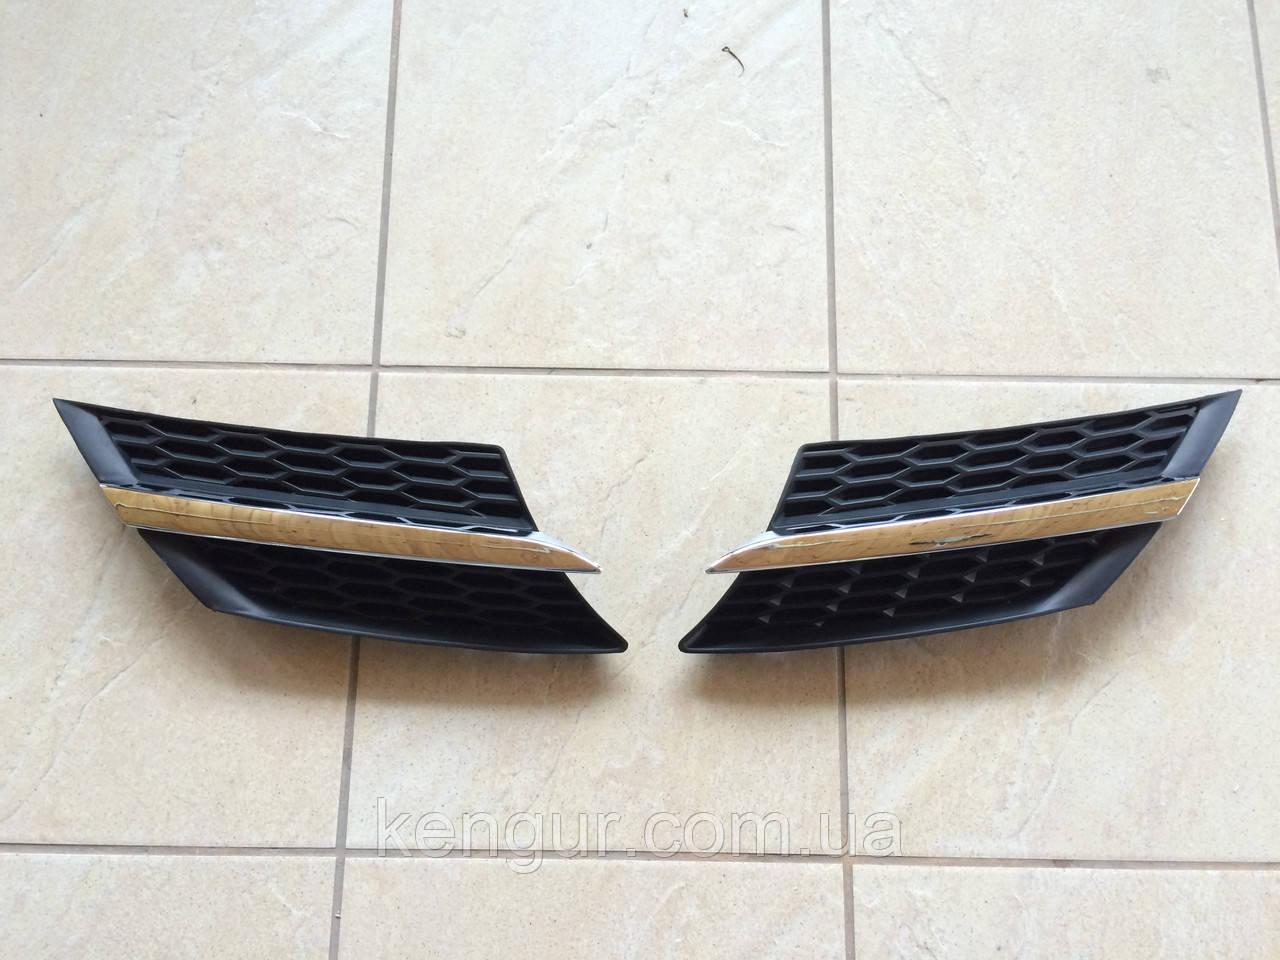 Решетка радиатора Toyota RAV4 2012-2015 53106-42010